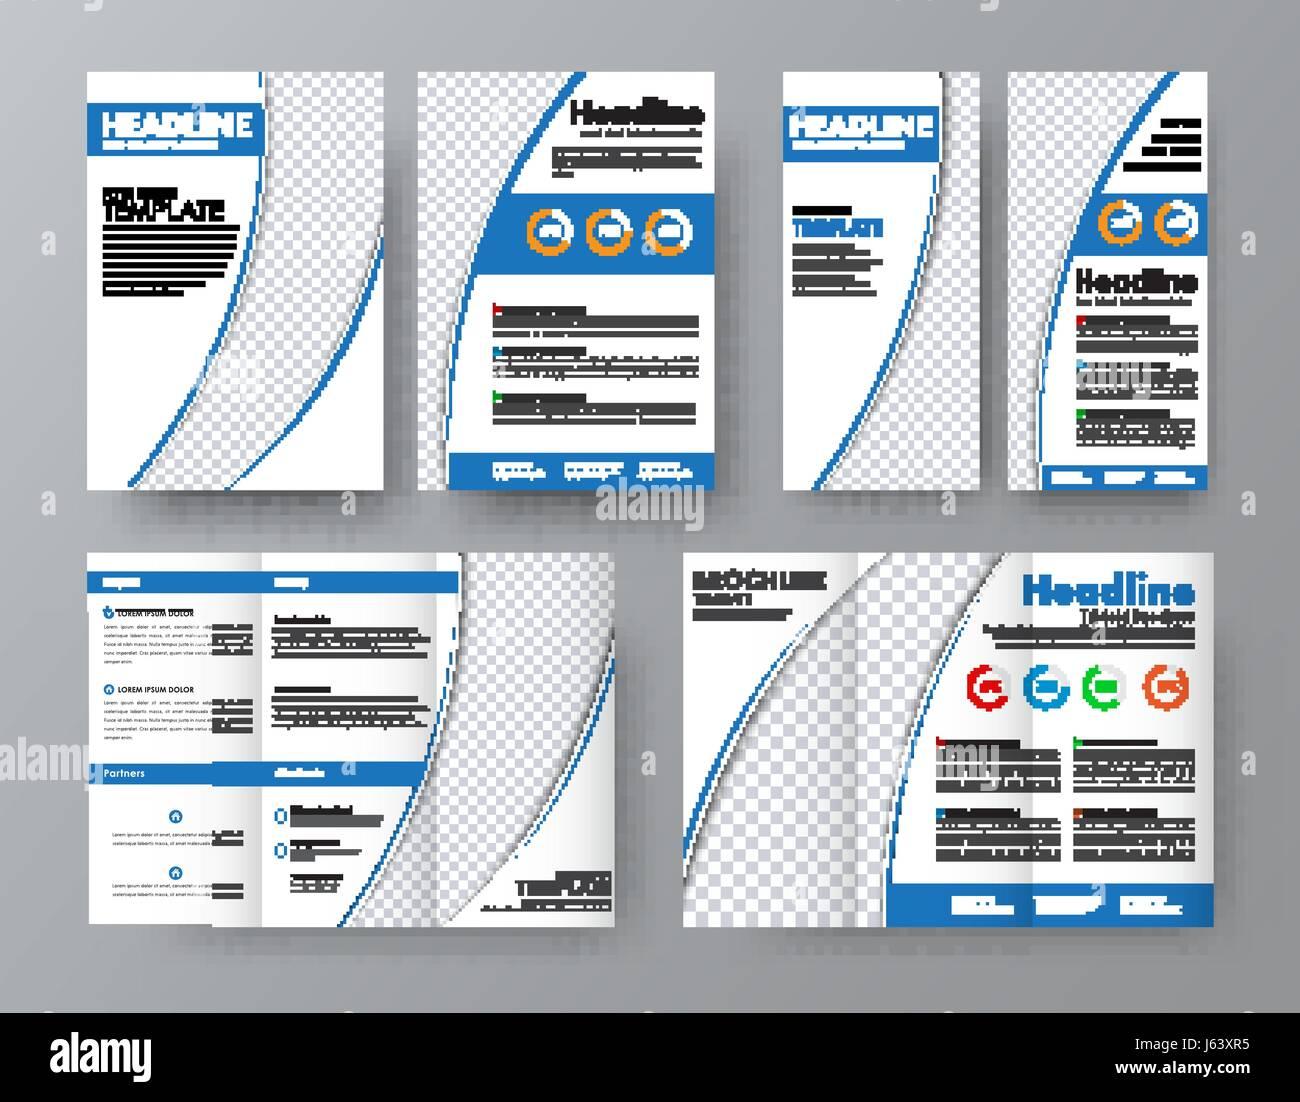 Abstract Print A4 Design Blue Stockfotos & Abstract Print A4 Design ...